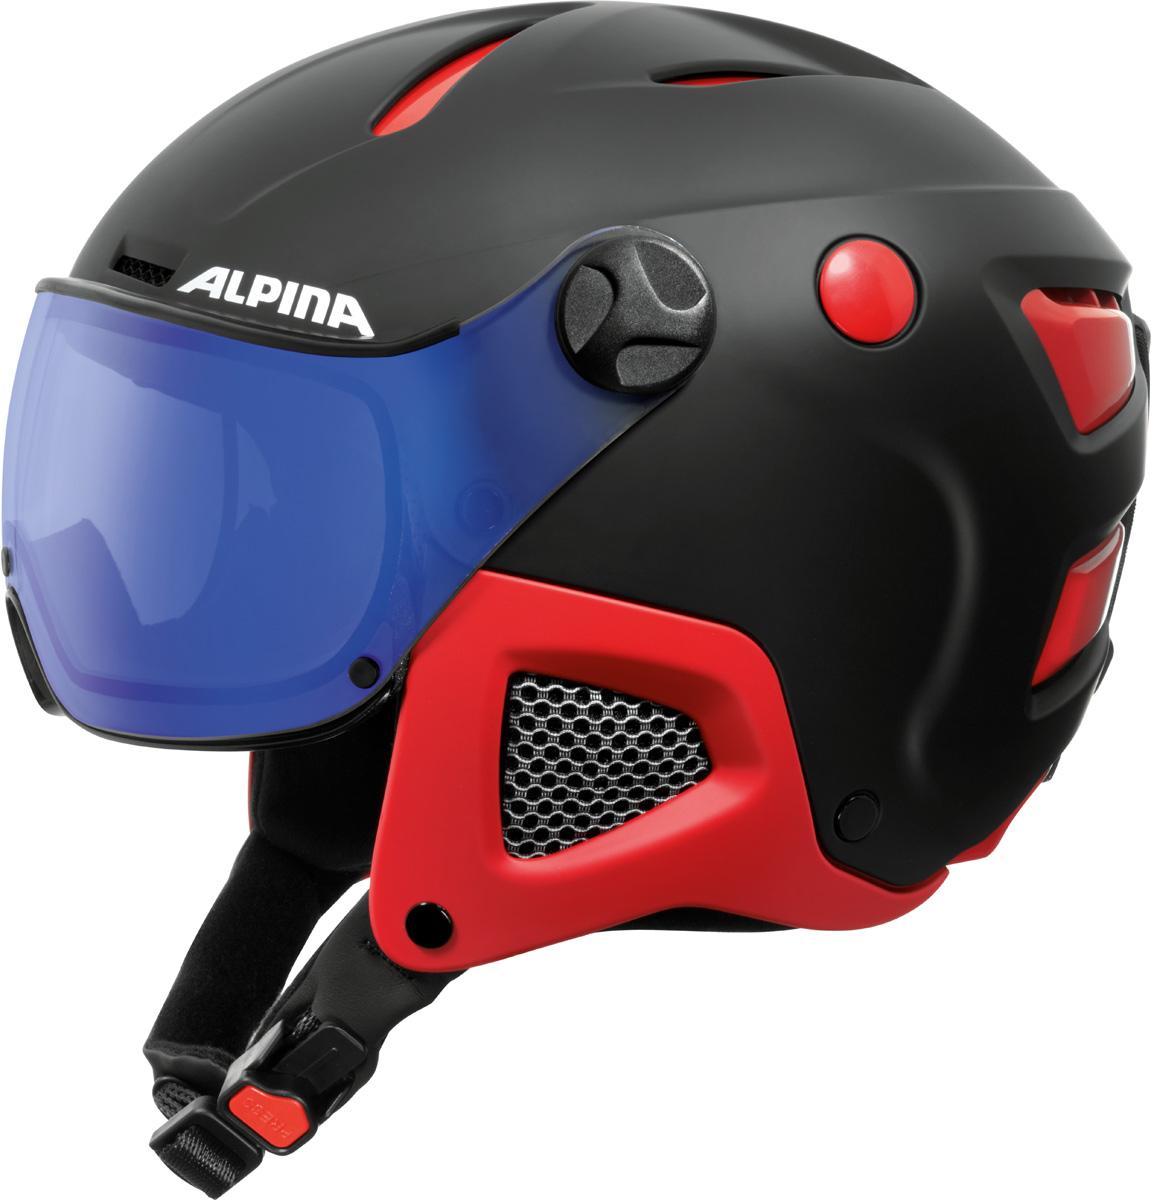 Шлем горнолыжный Alpina Attelas Visor VHM, цвет: черный, красный. A9091_32. Размер 53-58 бензопила alpina серия black a 4500 18